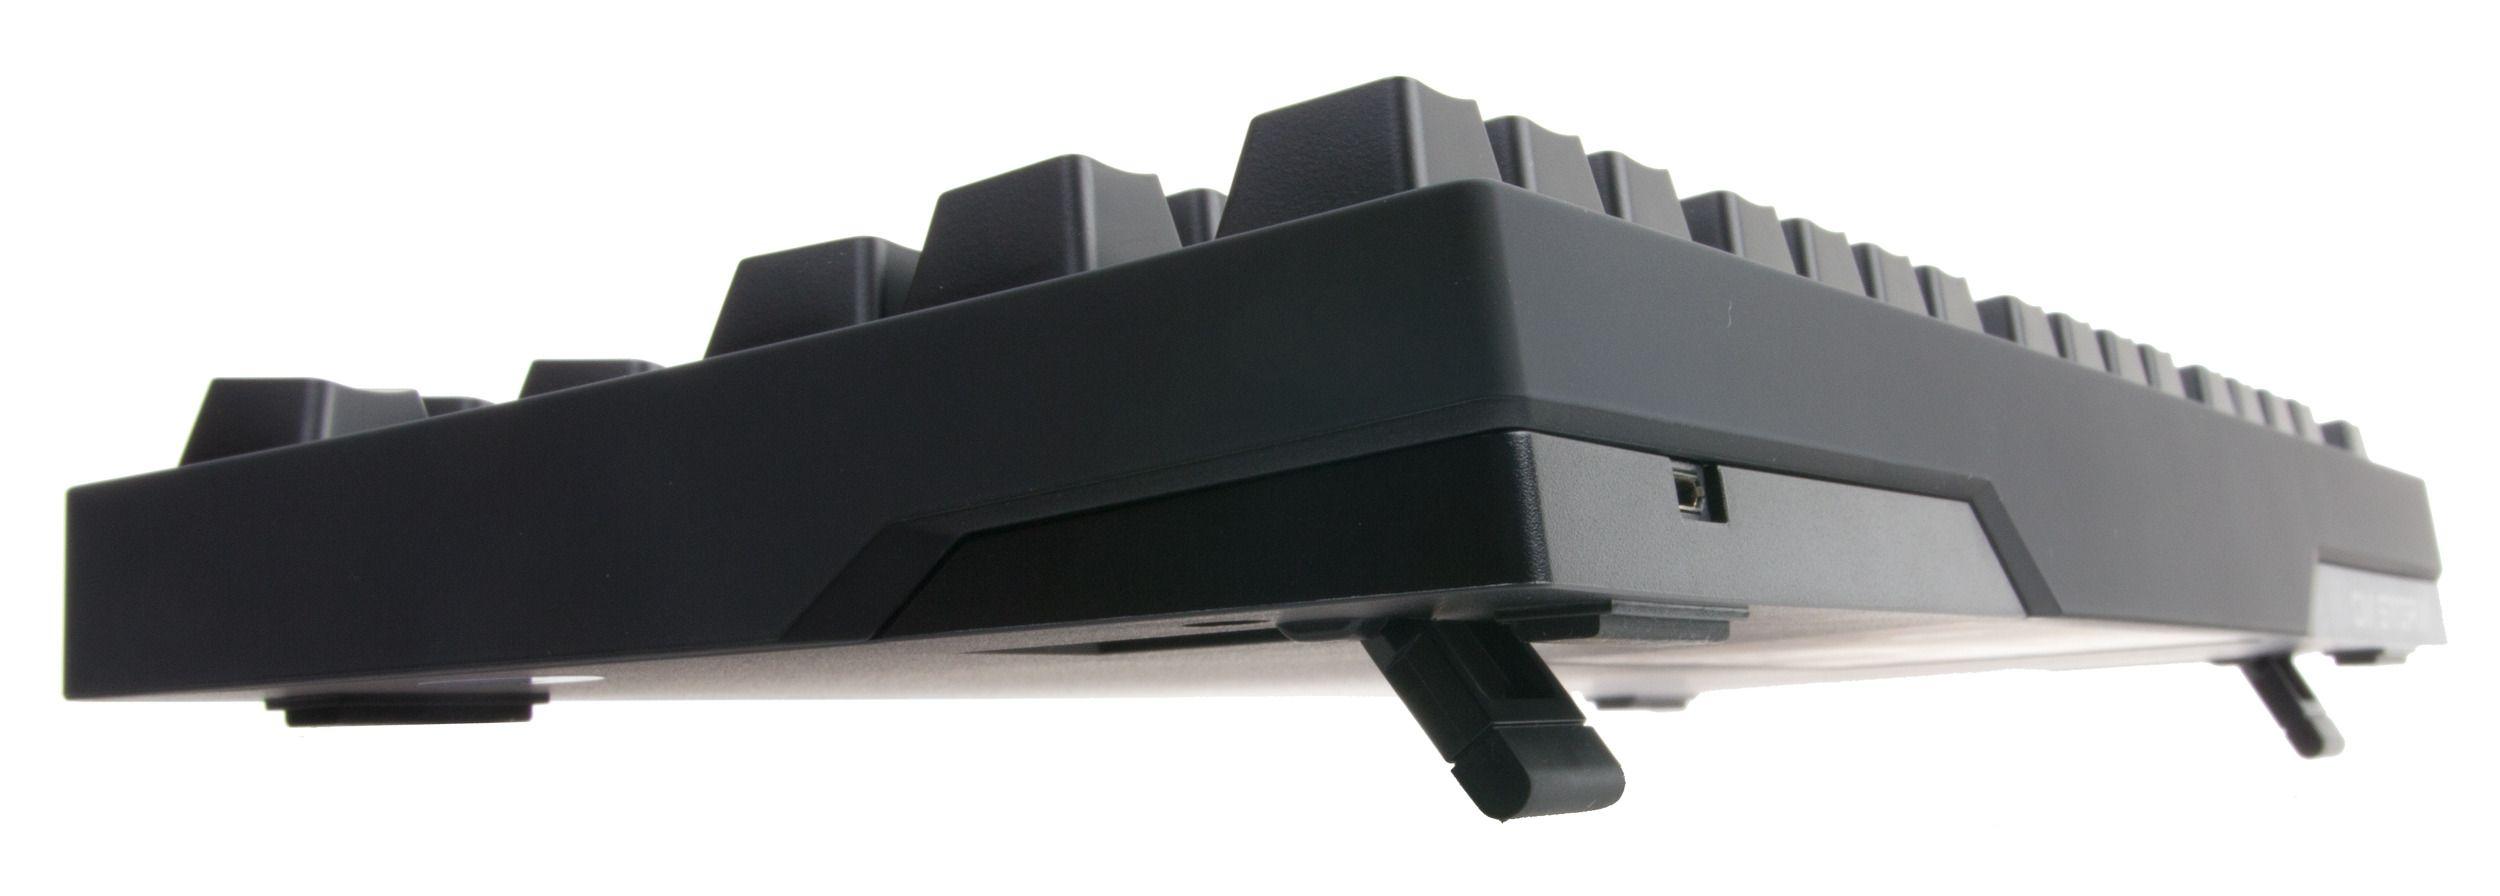 Tastaturet kan bli veldig høyt.Foto: Rolf B. Wegner, Hardware.no